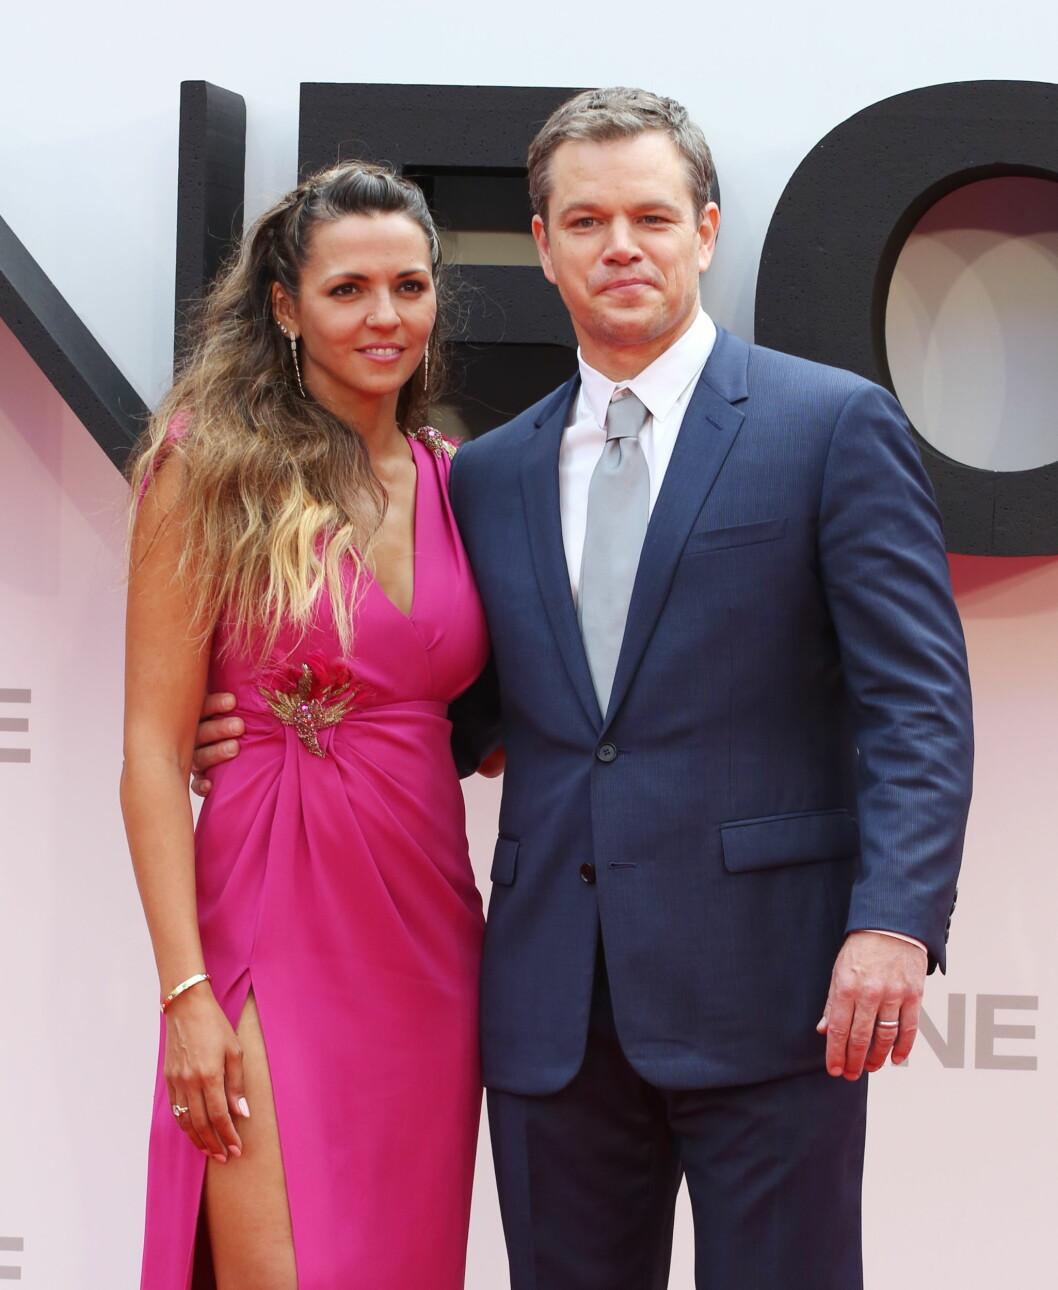 STOLT AV KONA: Matt Damon legger ikke skjul på at han er like forelsket i kona Luciana, over ti år etter at de giftet seg. Foto: wenn.com